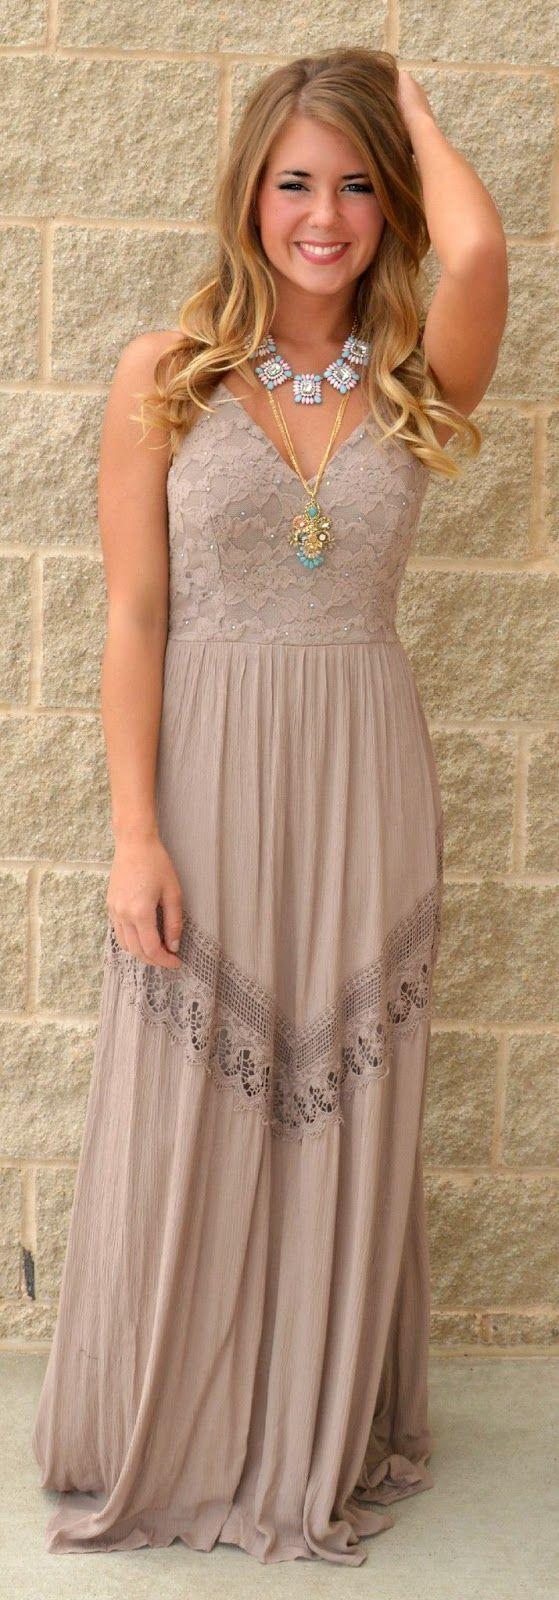 Breez + Destiny + Draped Maxi Dress with Gorgeous ...